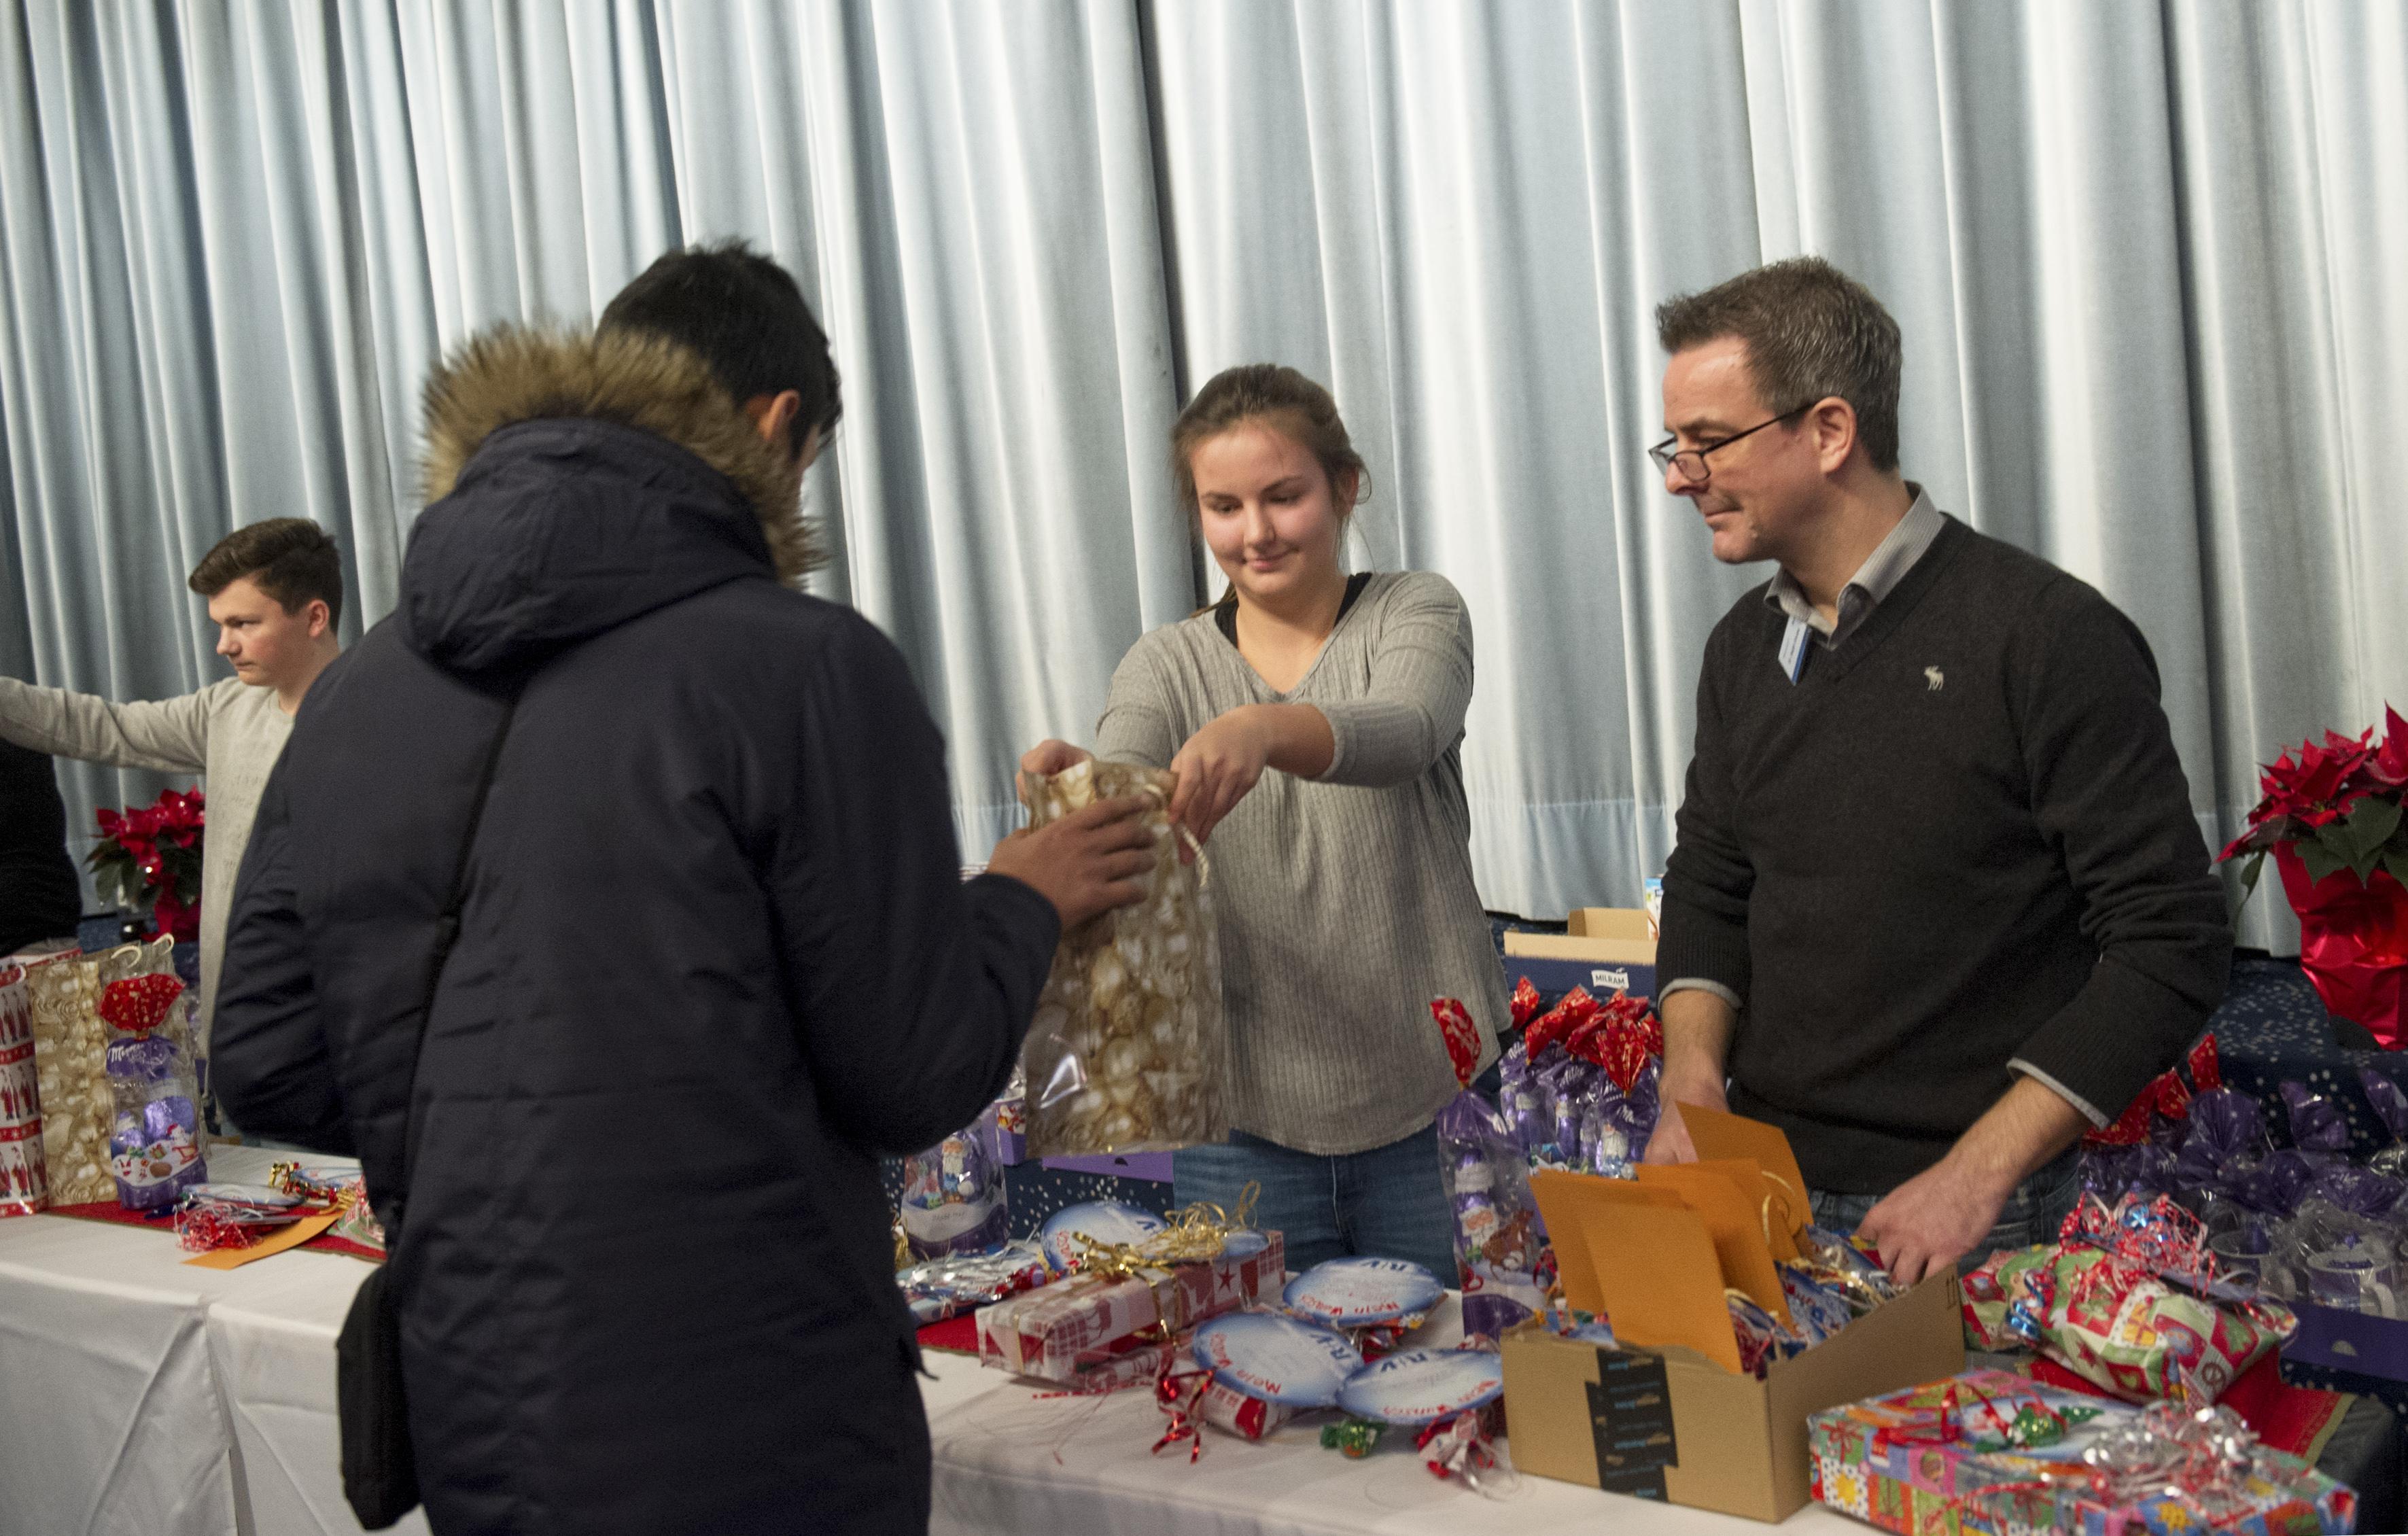 R+V Versicherung veranstaltet Weihnachtsfeier für Wiesbadener Tafel